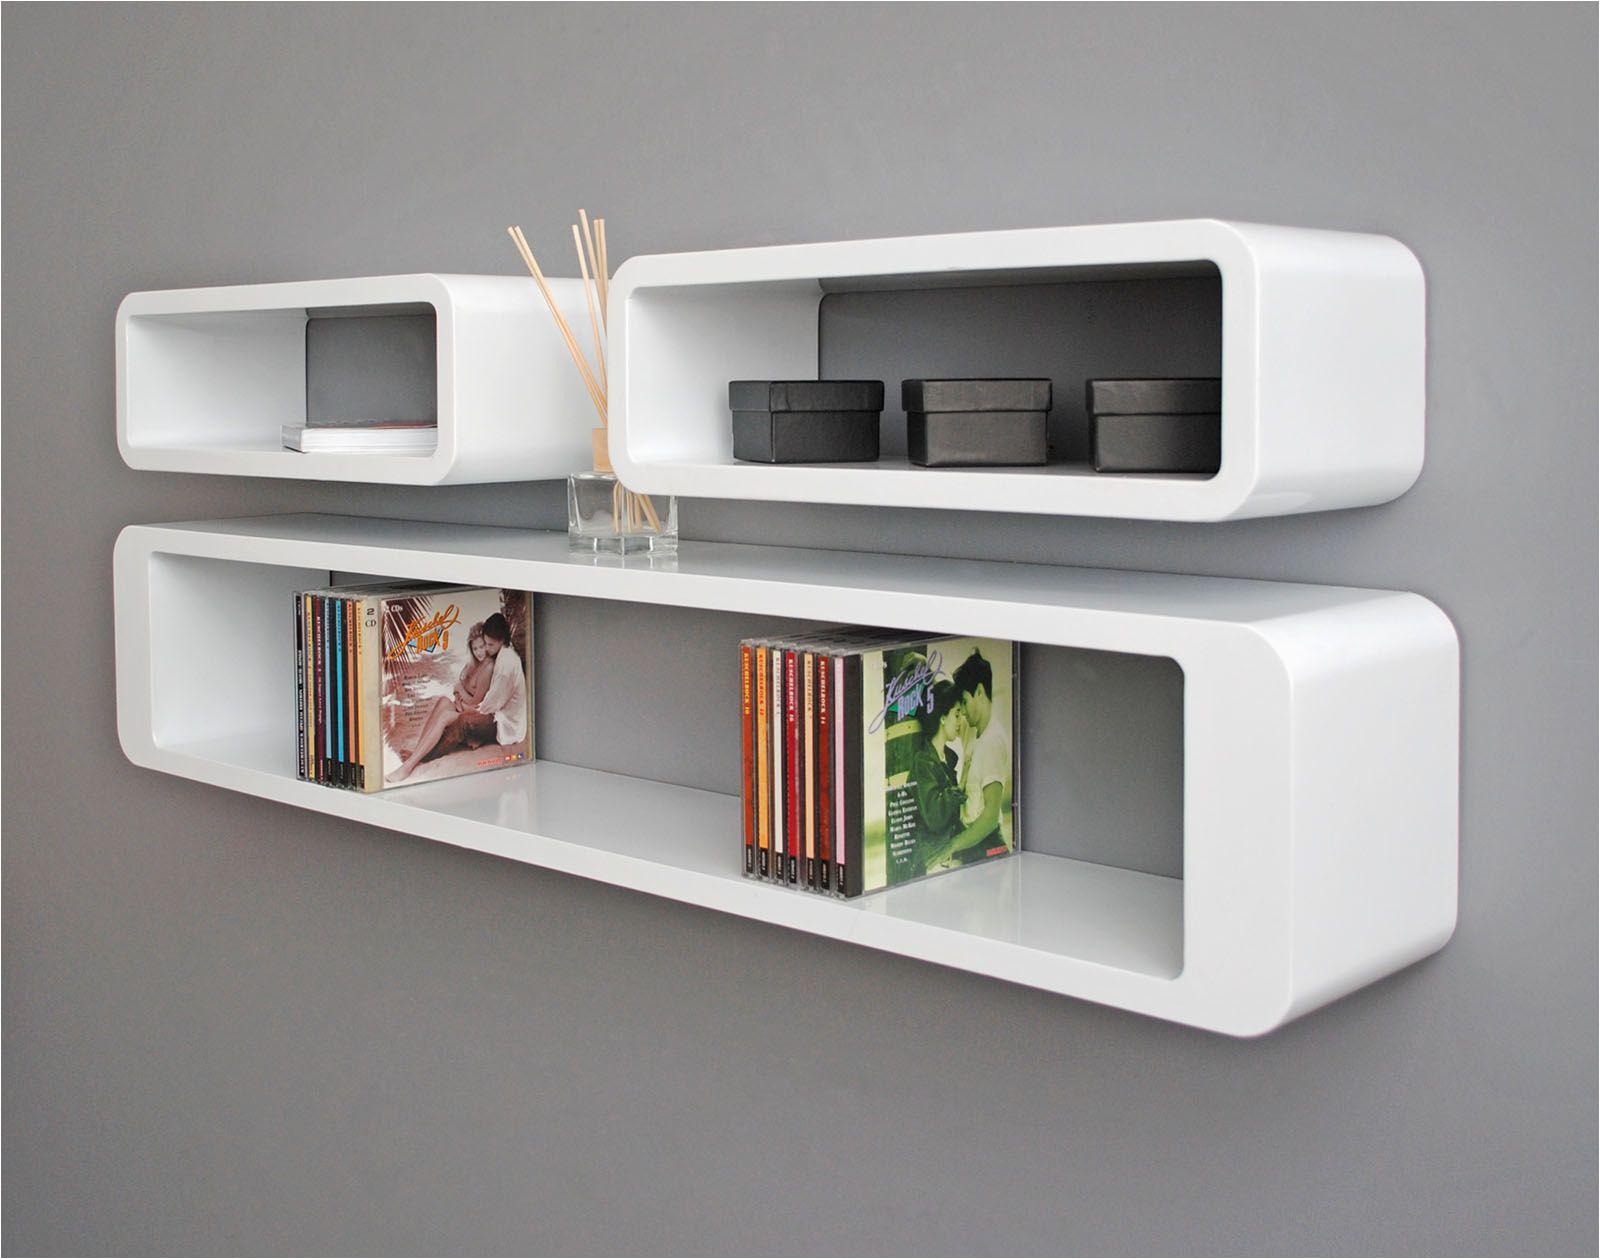 Badezimmer Regal Geschlossen 3er Set Lounge Cube Regal Retro 70er Wandregal Regalwand